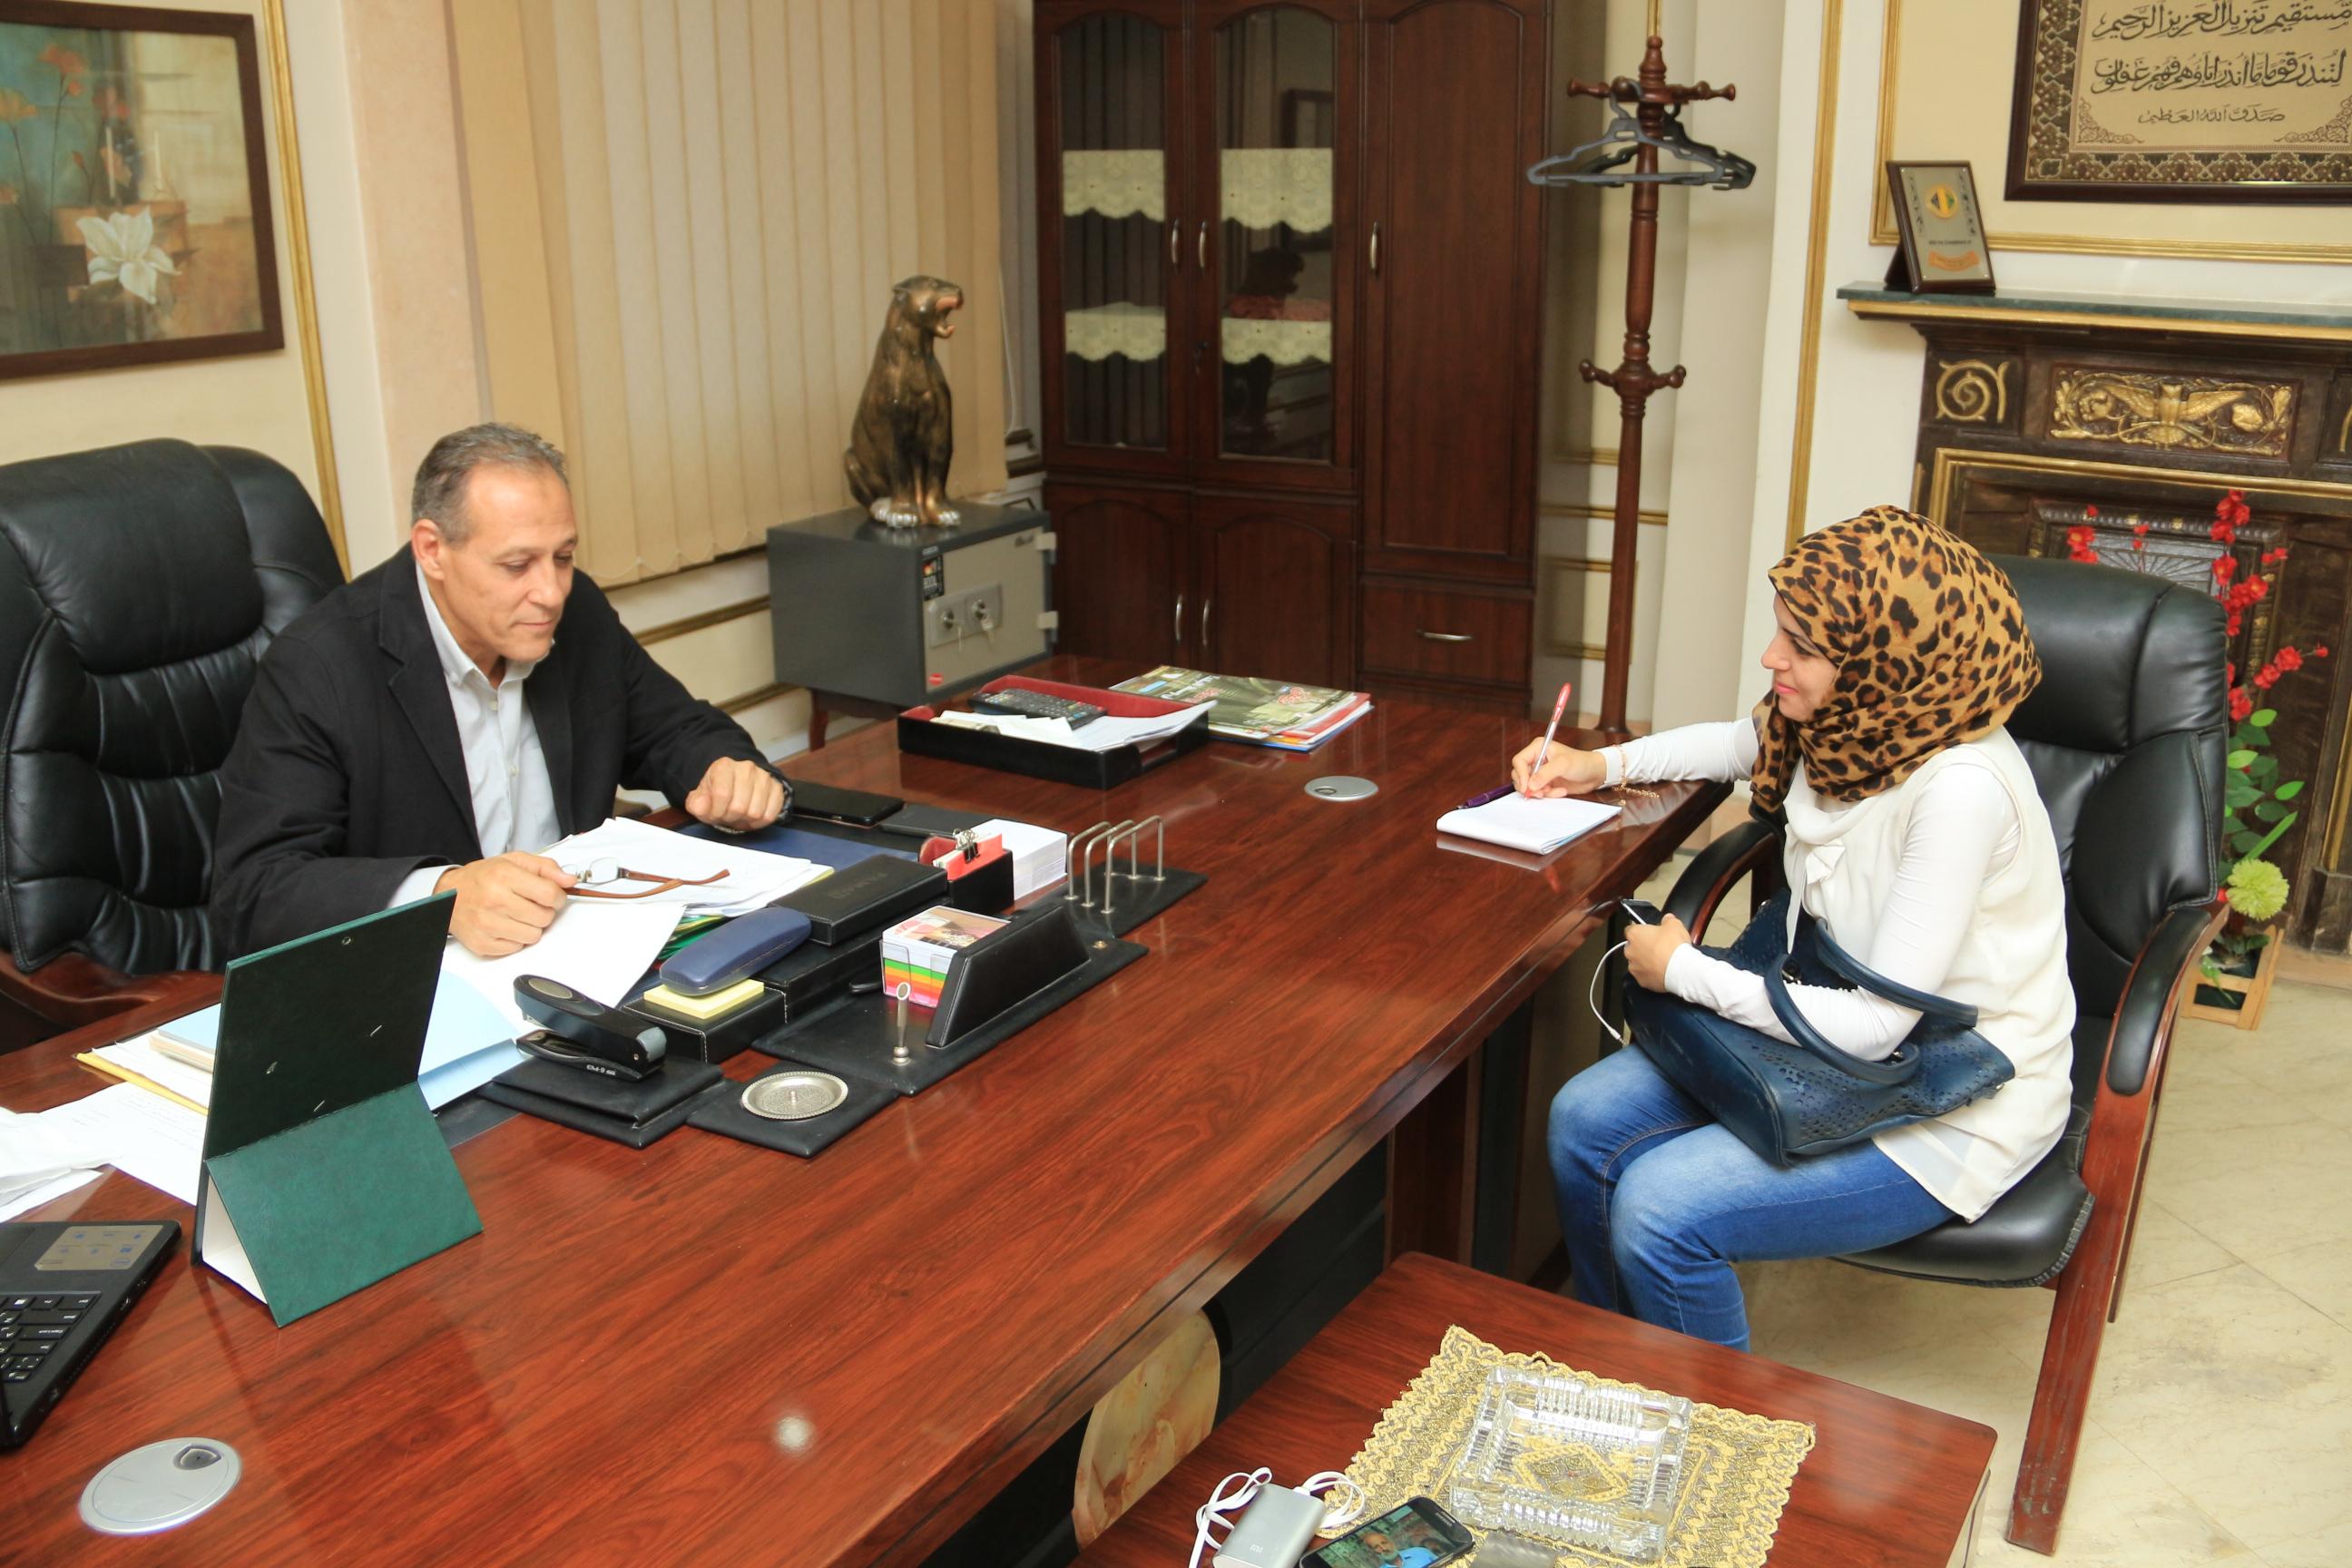 هشام خشبة رئيس حي غرب القاهرة أثناء الحوار